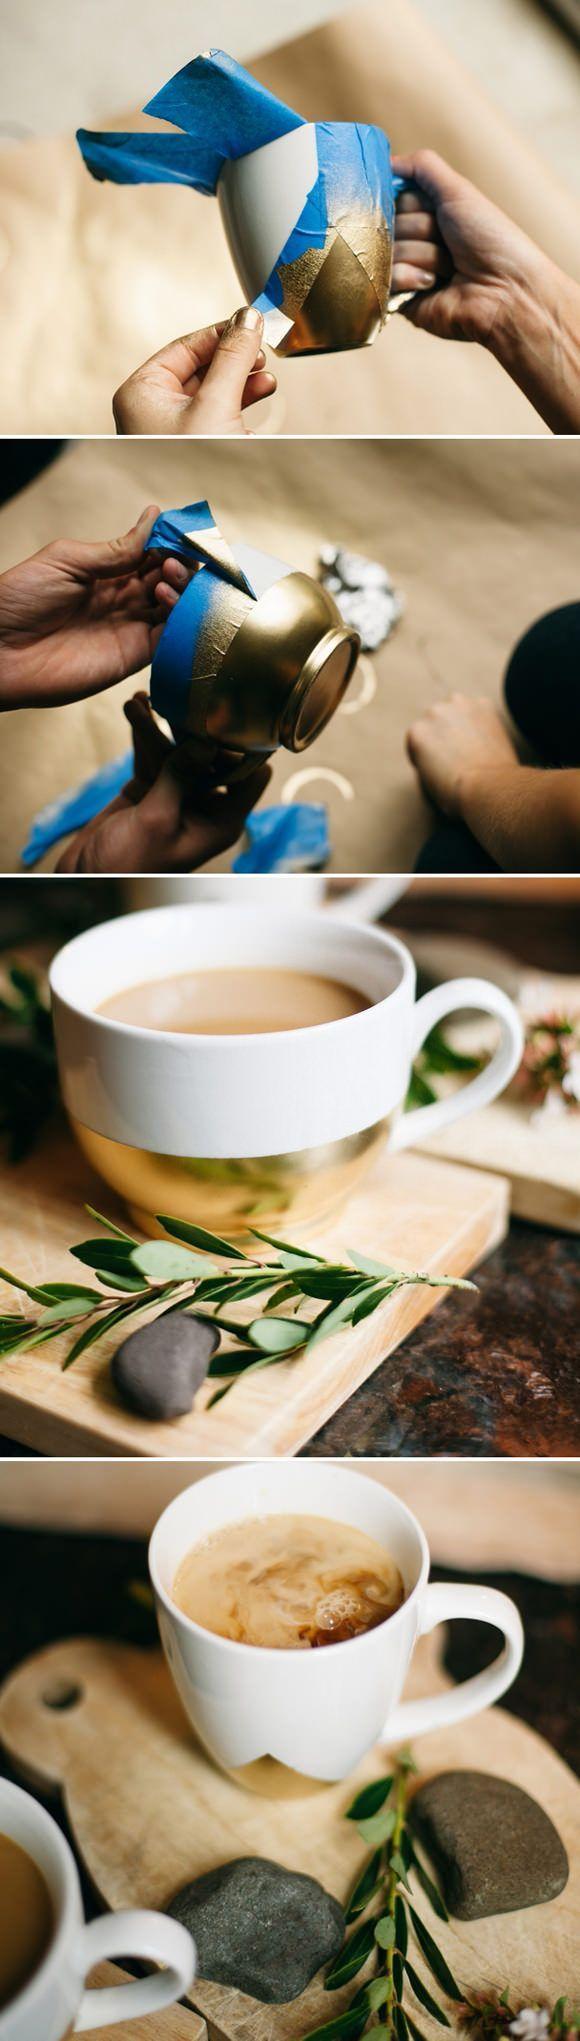 DIY : dorures tasses, branches, paniers... déco chic et originale